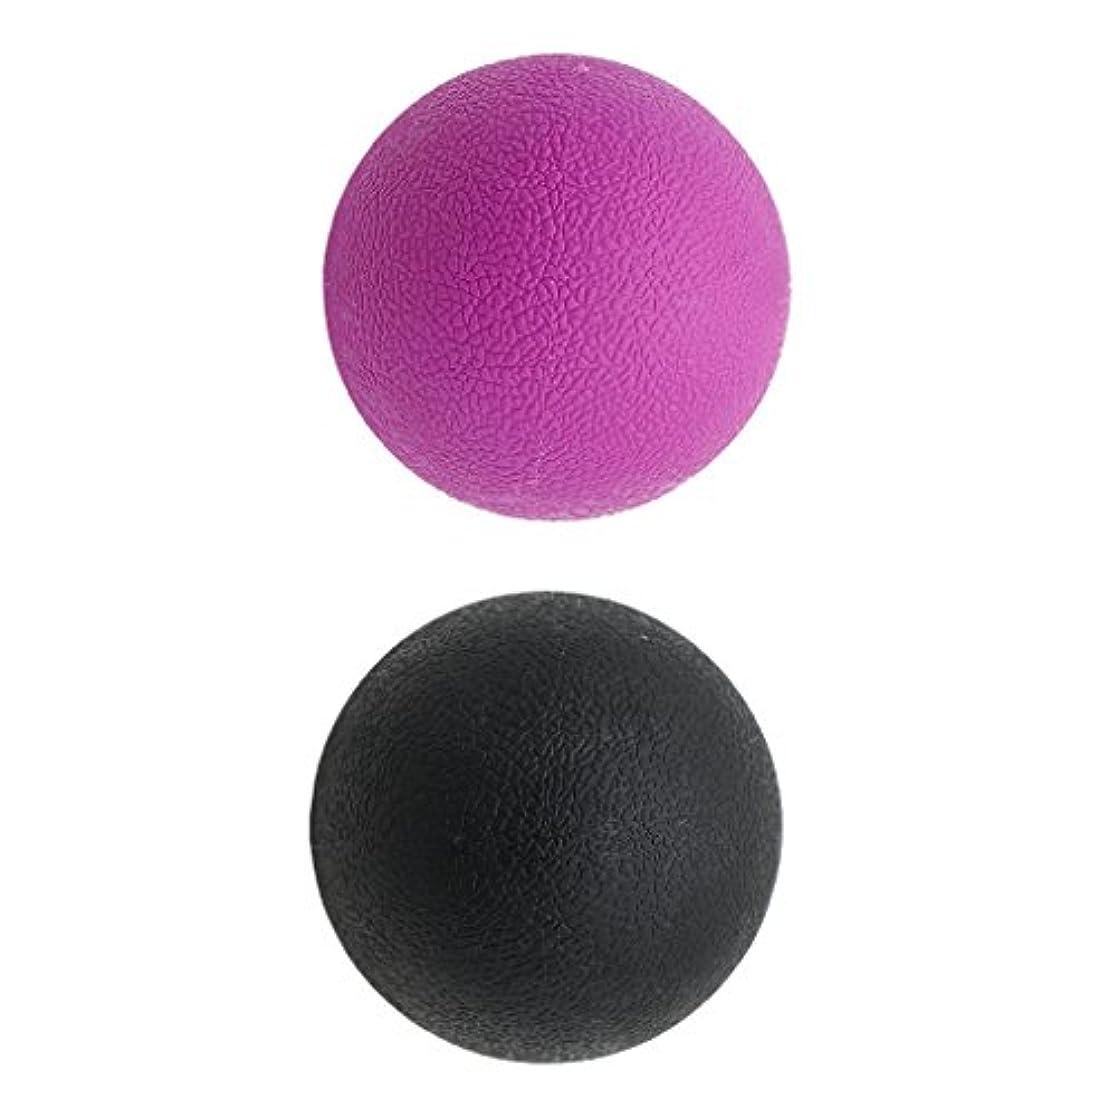 狐完了2個 マッサージボール ラクロスボール 背部 トリガ ポイント マッサージ 多色選べる - ブラックパープル